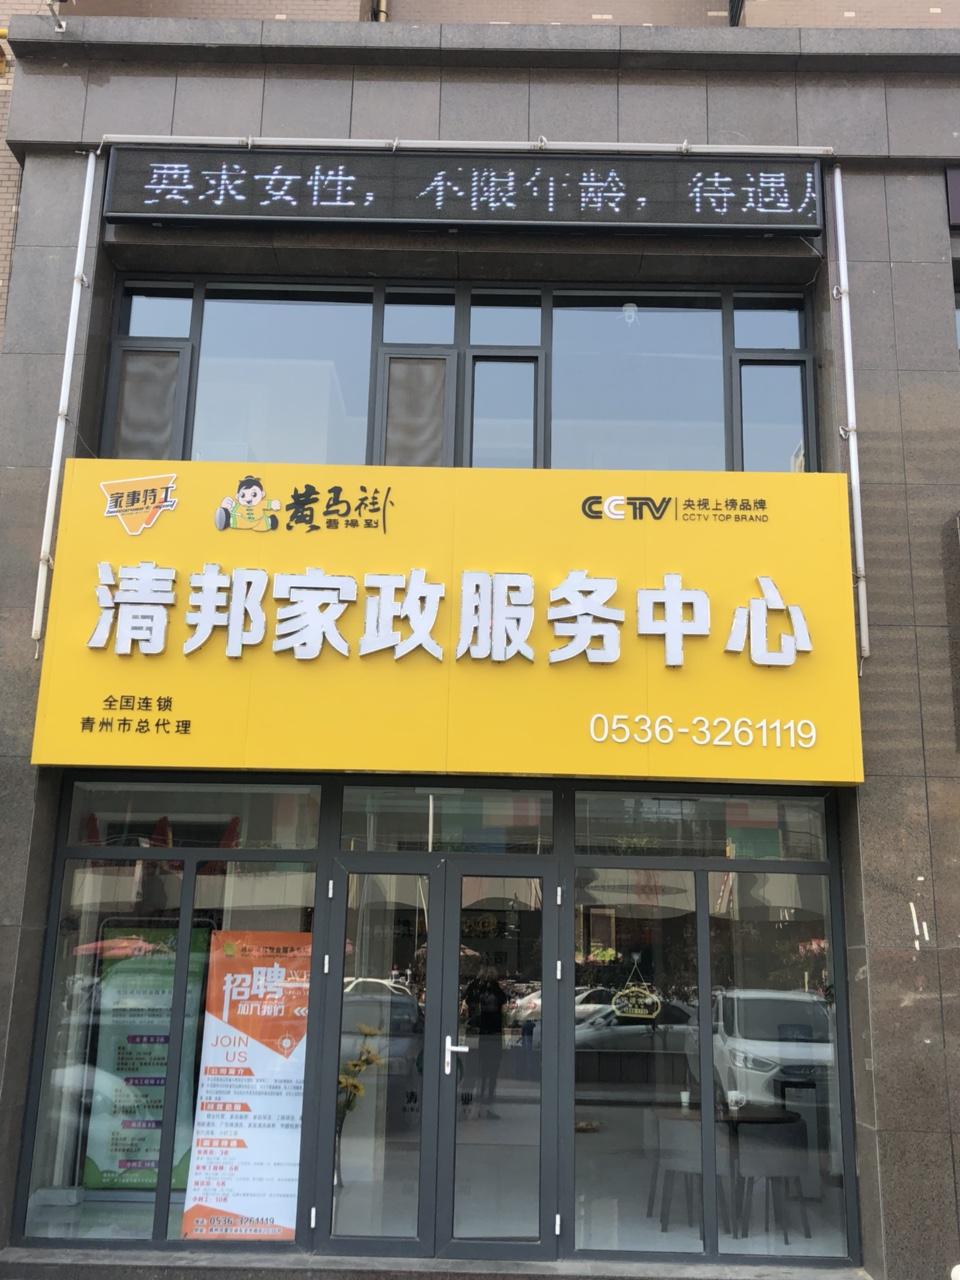 清邦家政服務中心(家事特工)